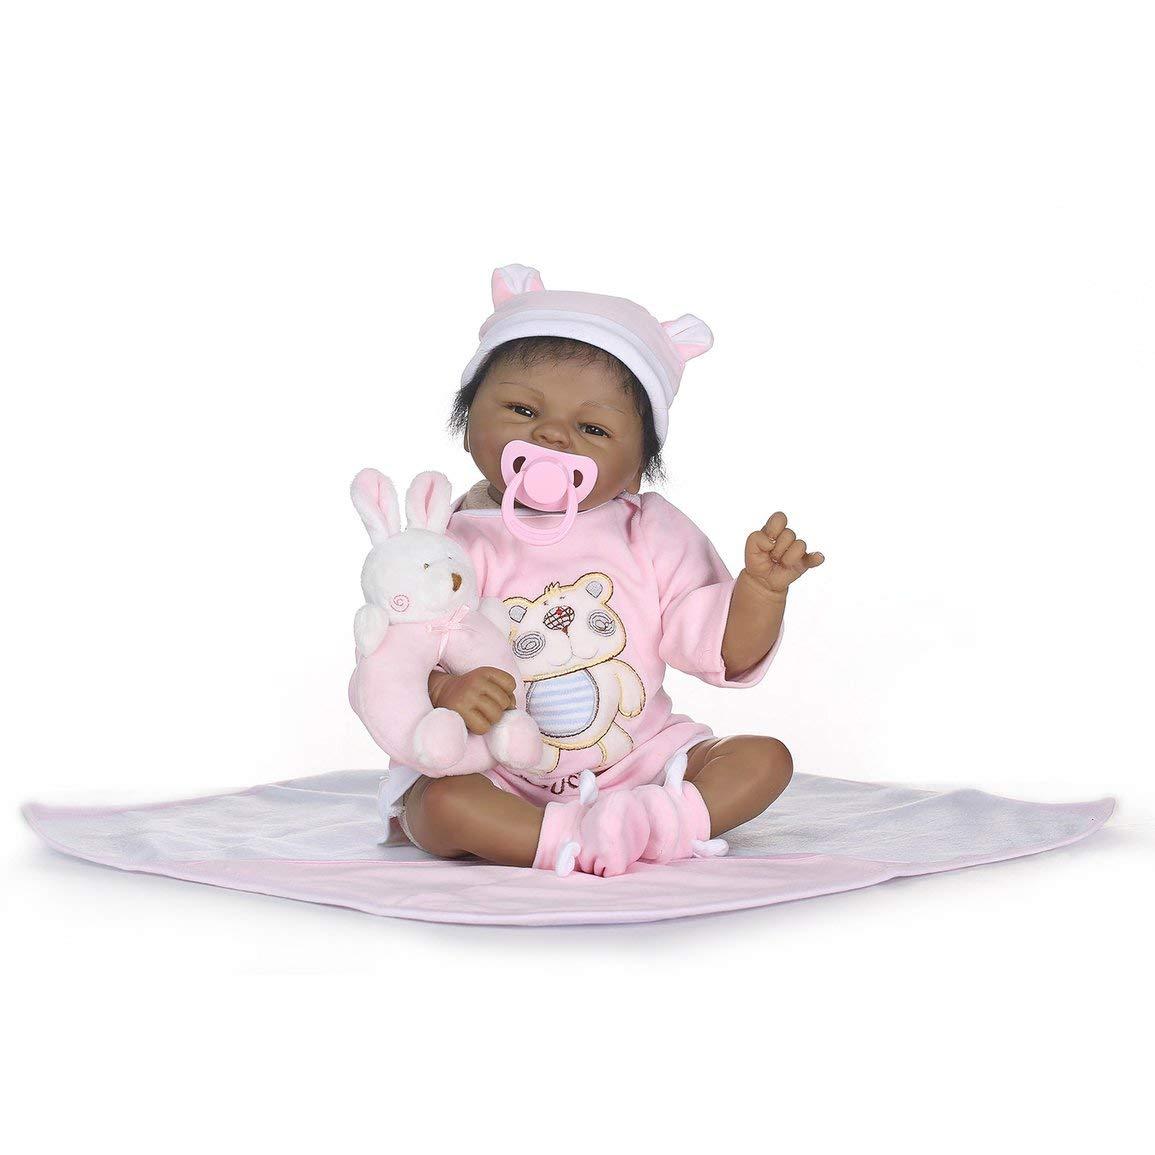 Fantasyworld NPK Simulación bebé 40cm de Silicona Suave muñeca de Juguete muñeca Realista Lindo recién Nacido